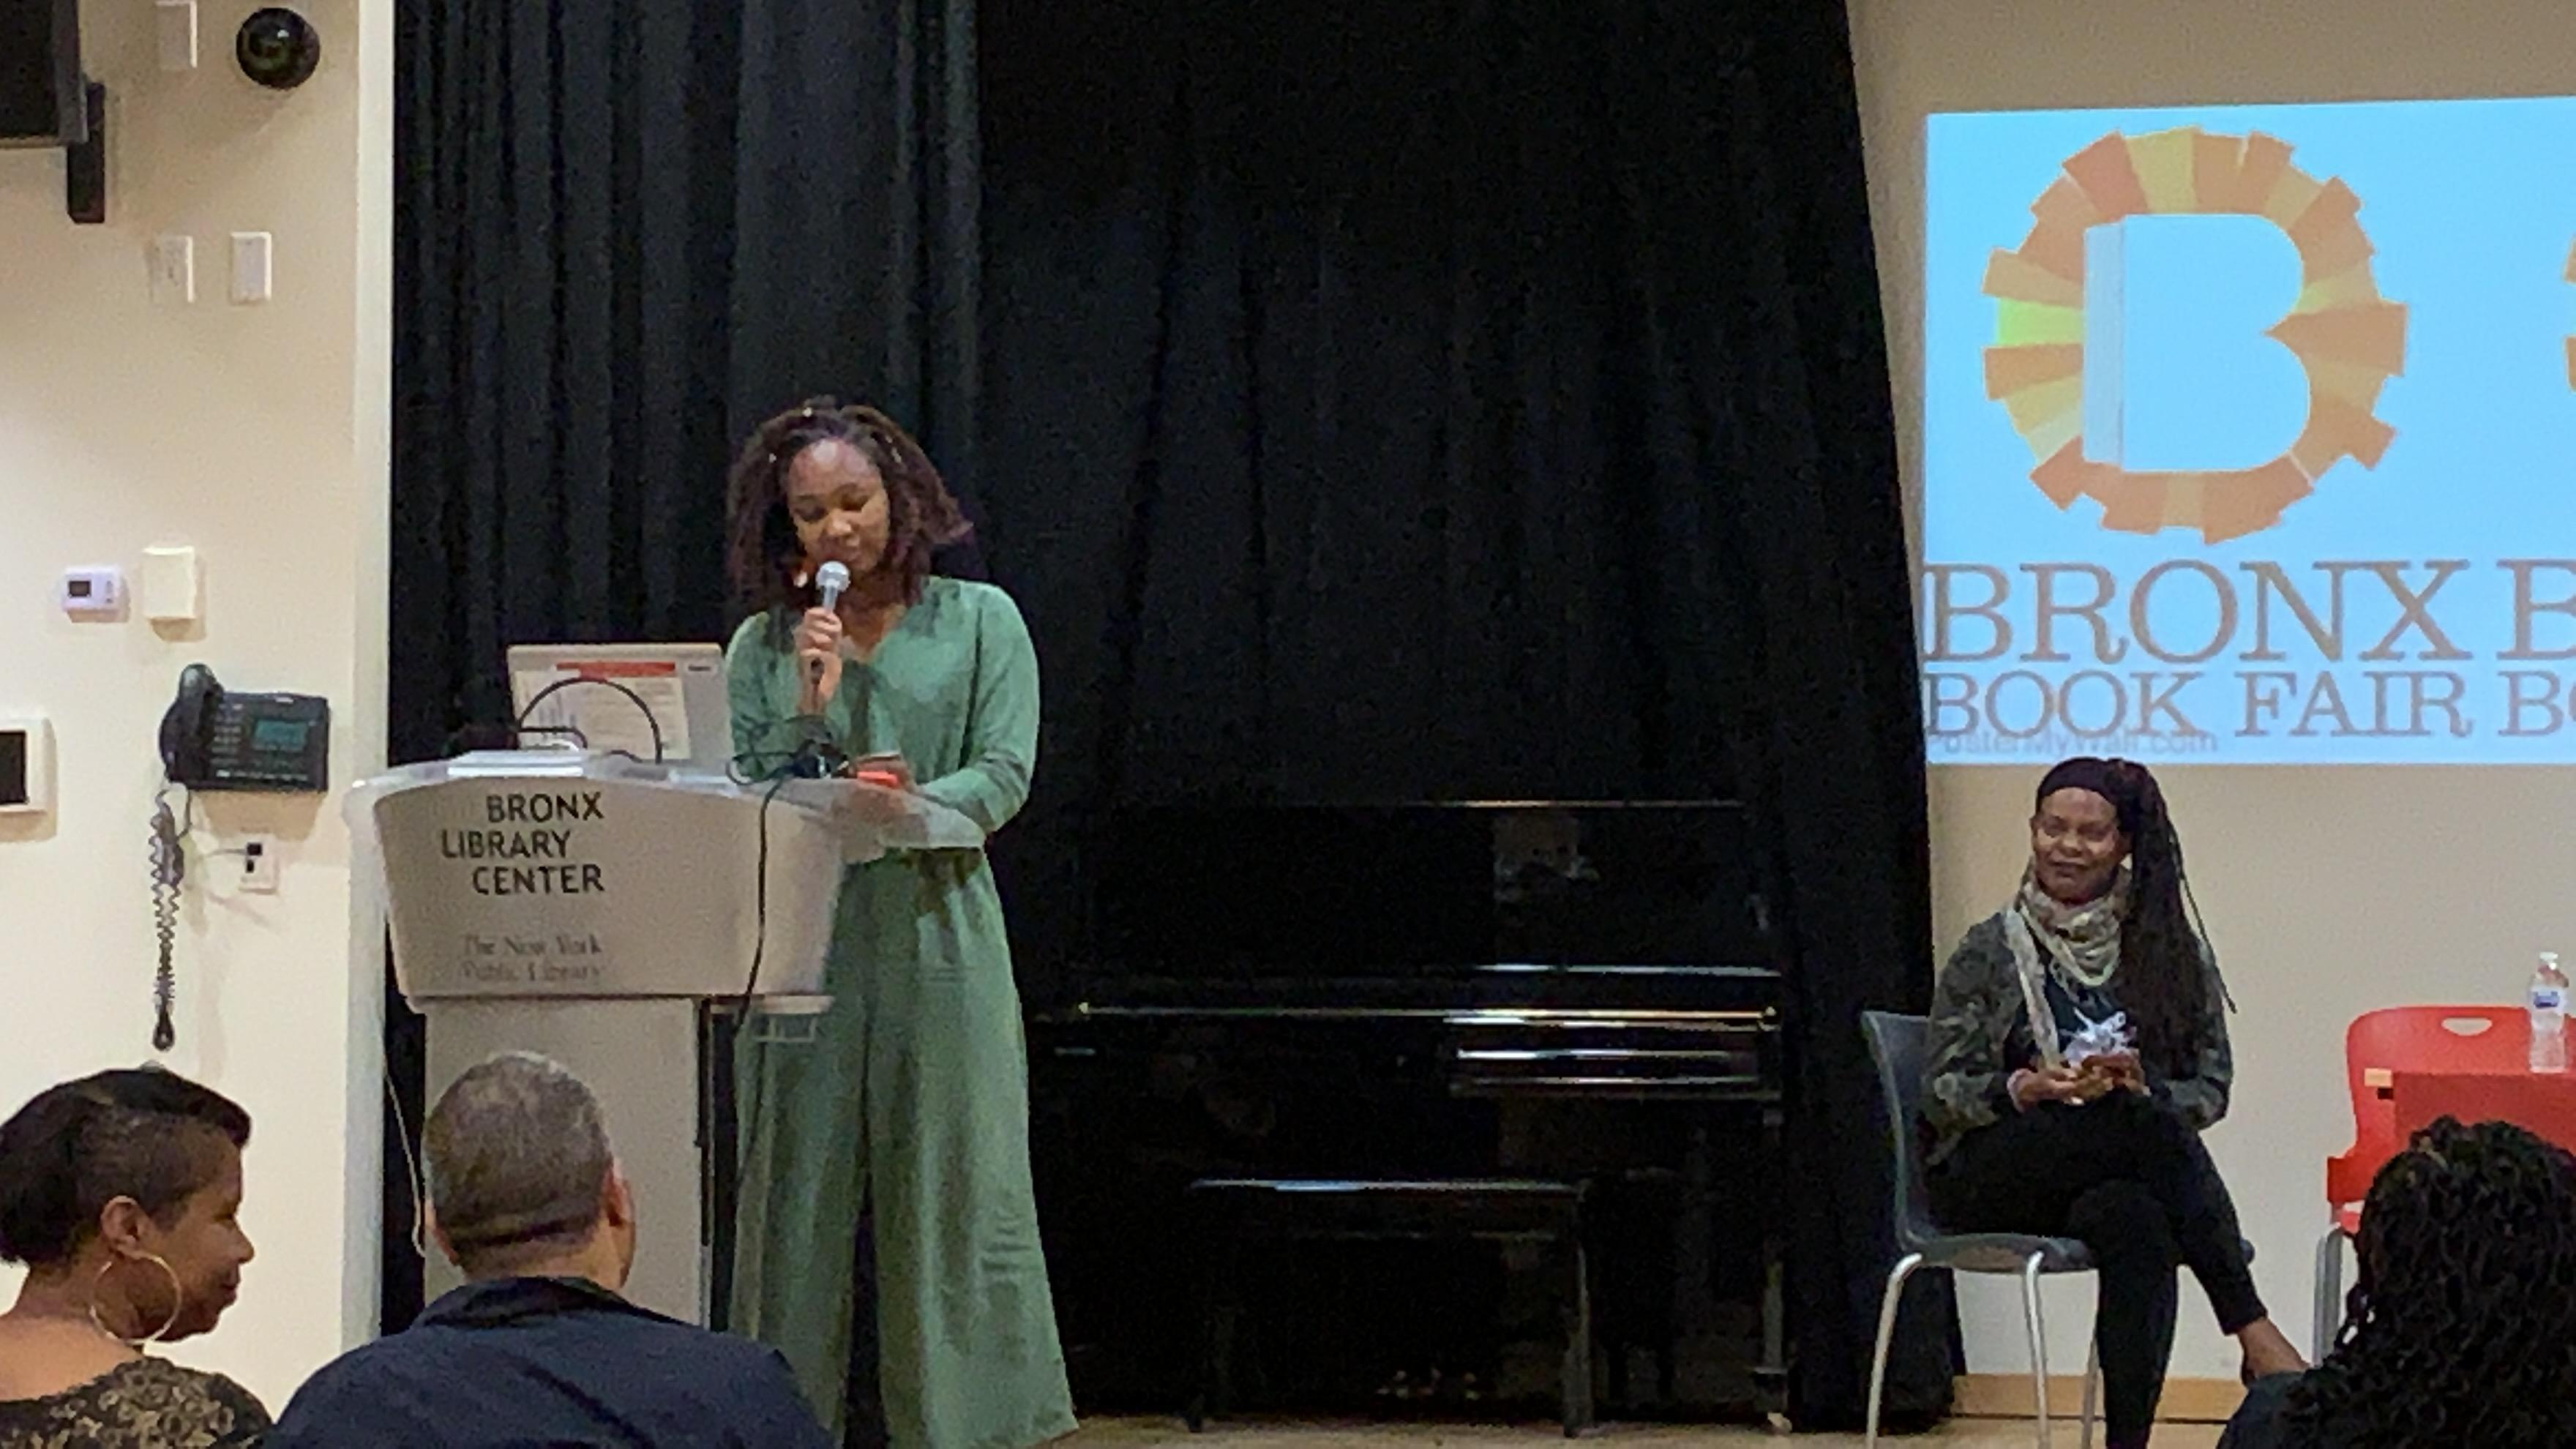 Reading at Bronx Book Fair